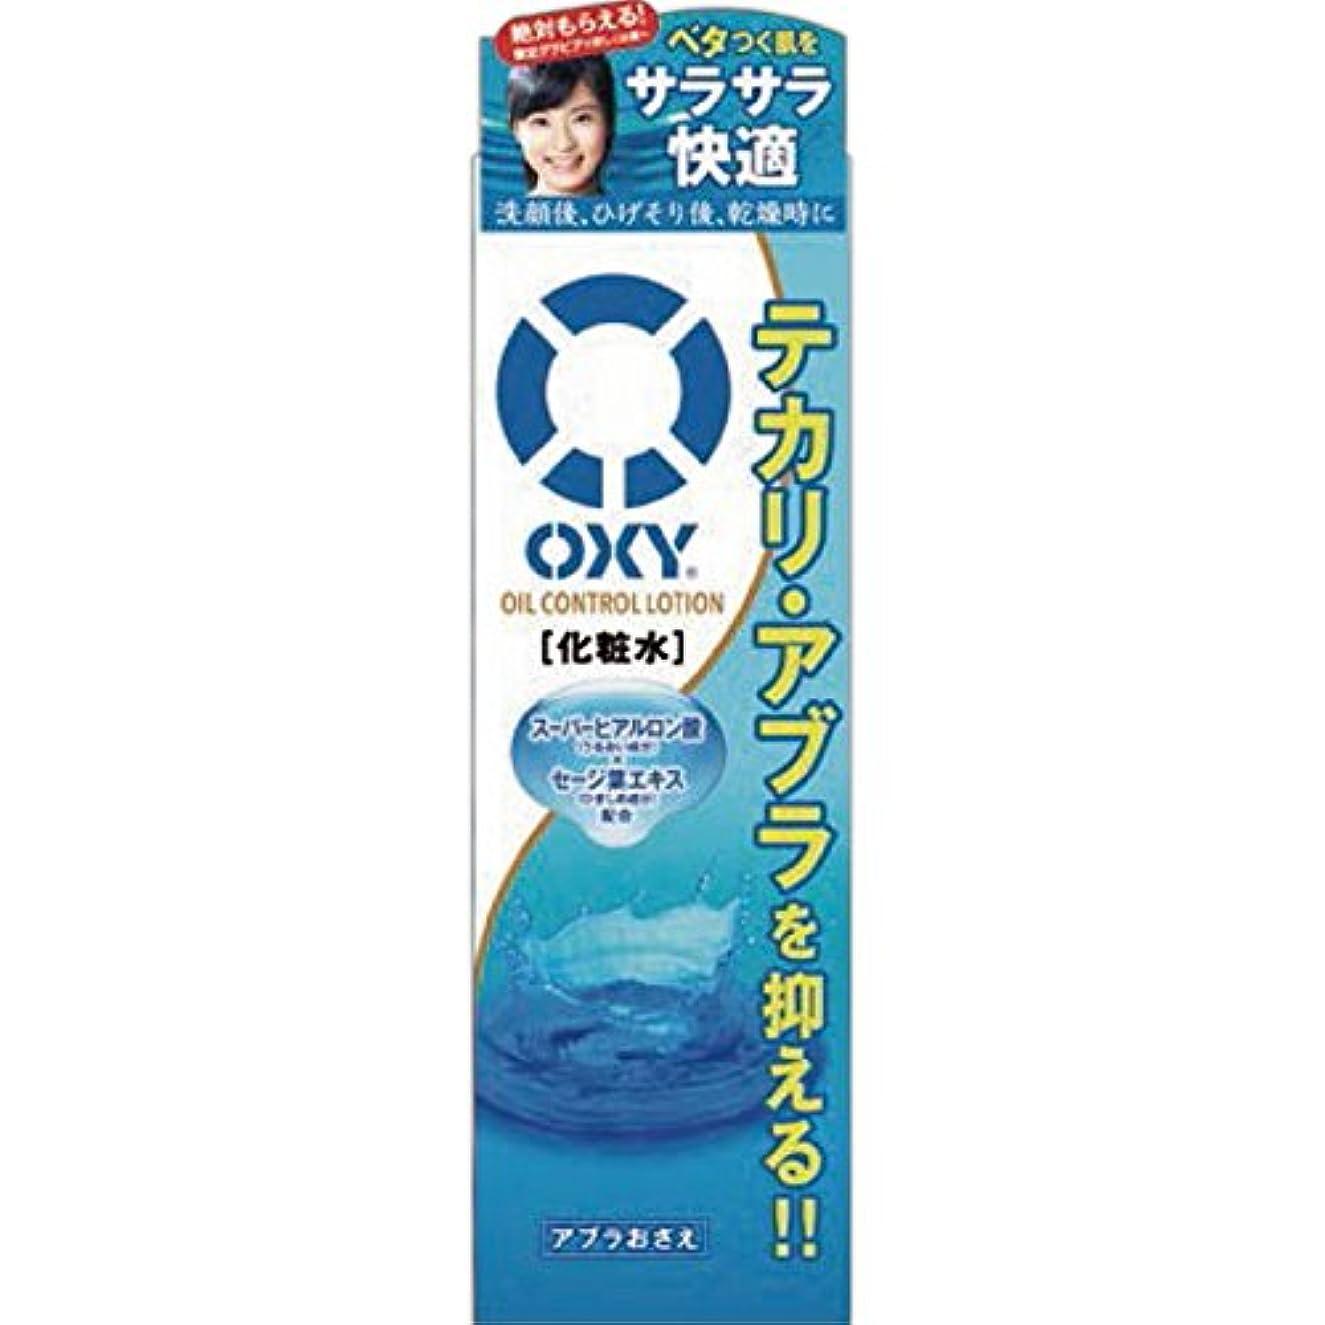 一口割れ目特徴オキシー (Oxy) オイルコントロールローション スーパーヒアルロン酸×セージ葉エキス配合 ゼラニウムの香 170mL